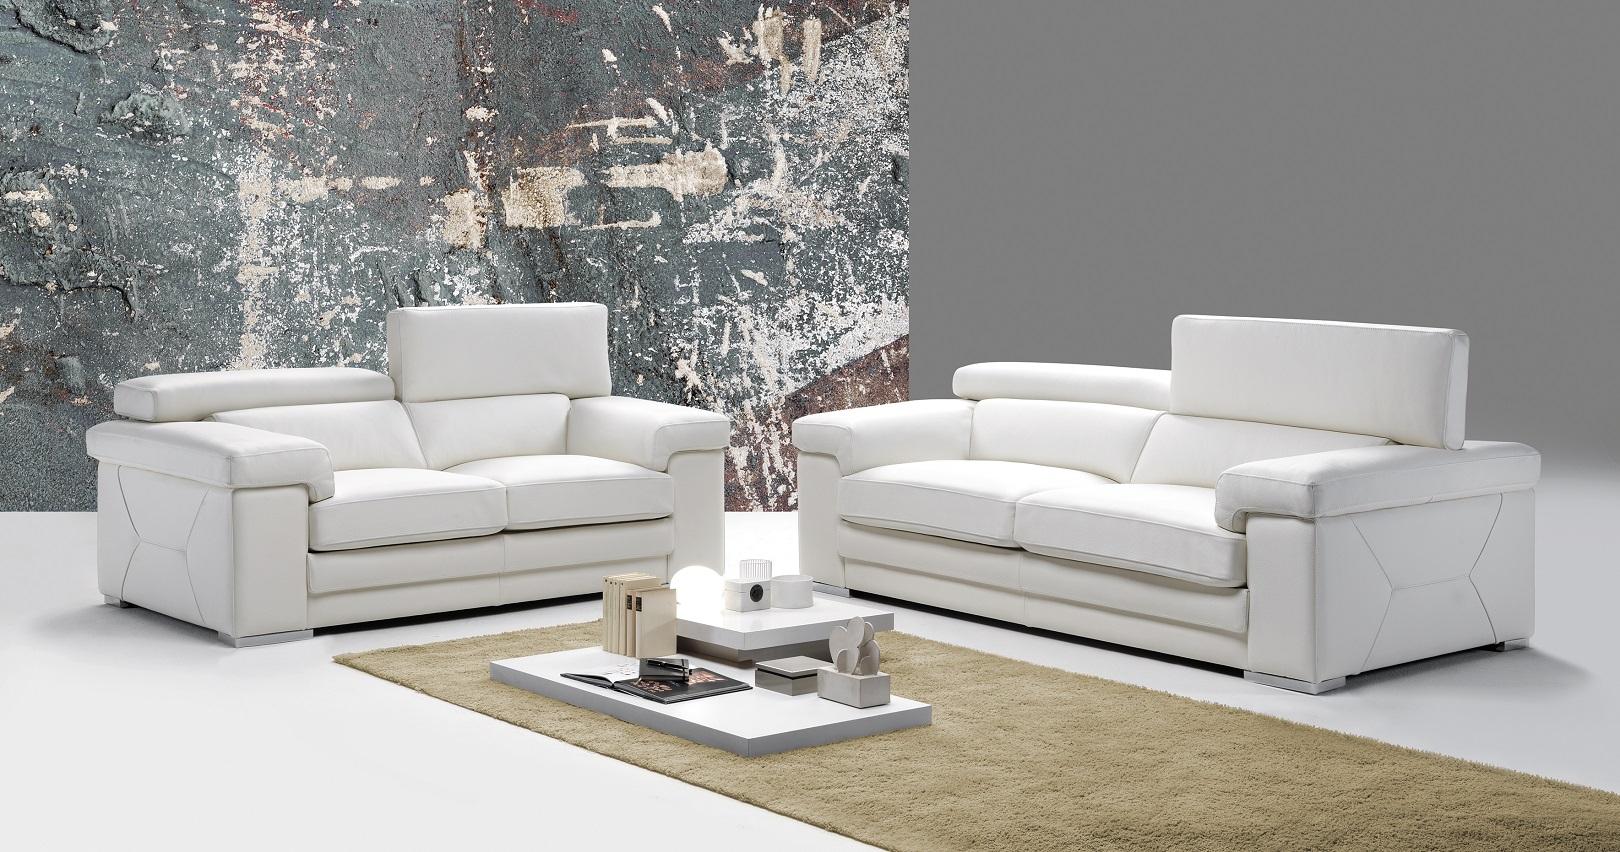 Laveno Design Italien Cuir Épais encequiconcerne Canape Convertible Cuir Blanc